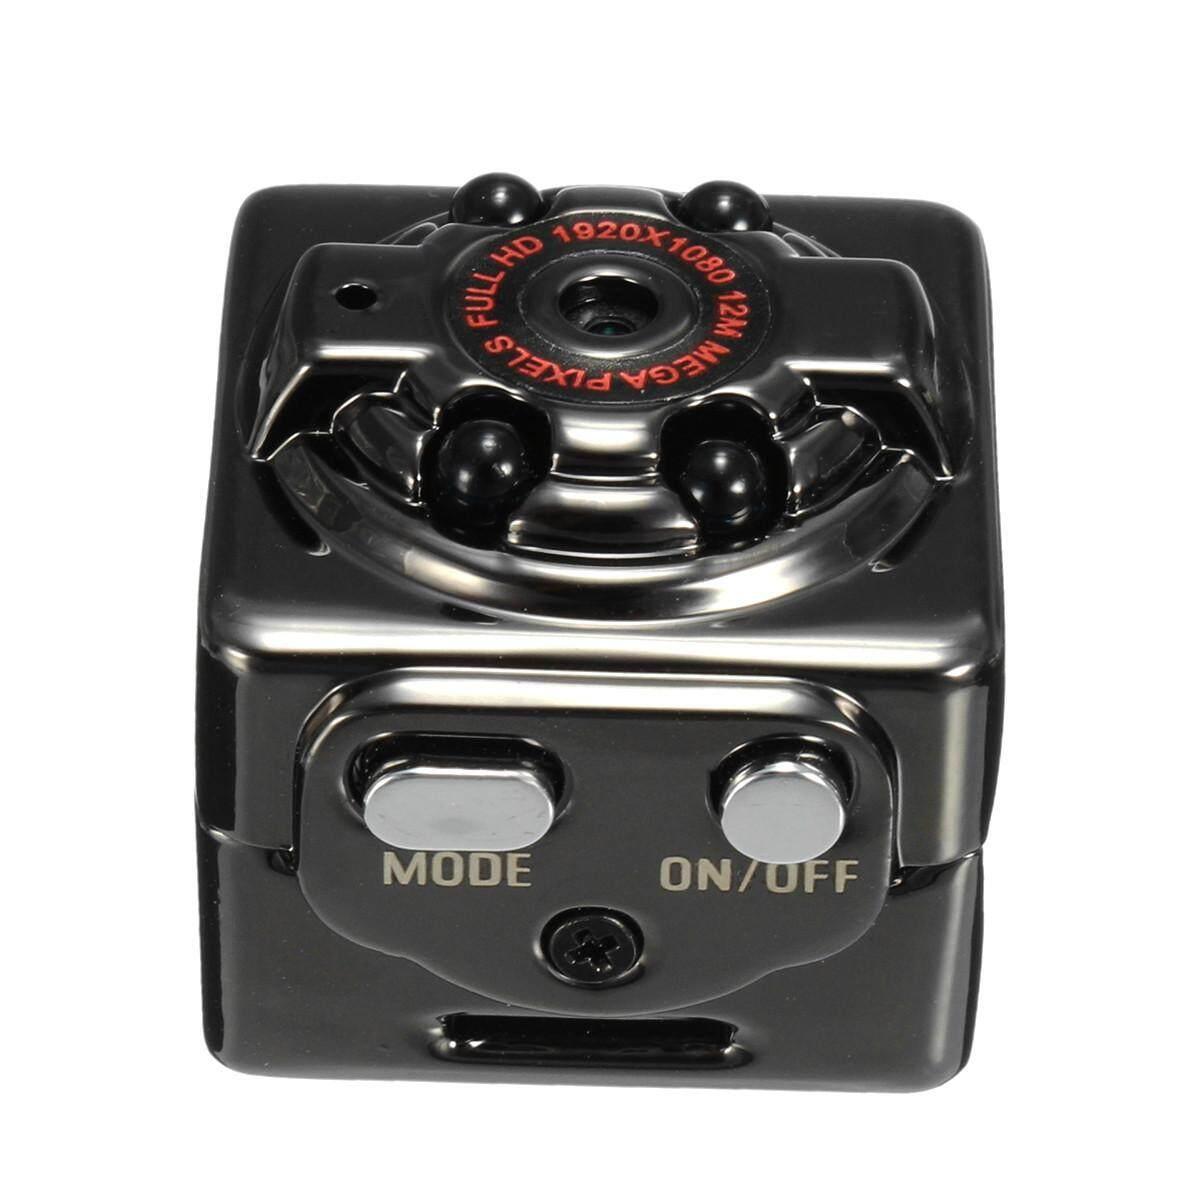 SQ8 HD 1080 P Mini Mobil DV Kamera Kit DVR Spy Camcorder Tersembunyi Penglihatan Malam Infrared Kami-Internasional